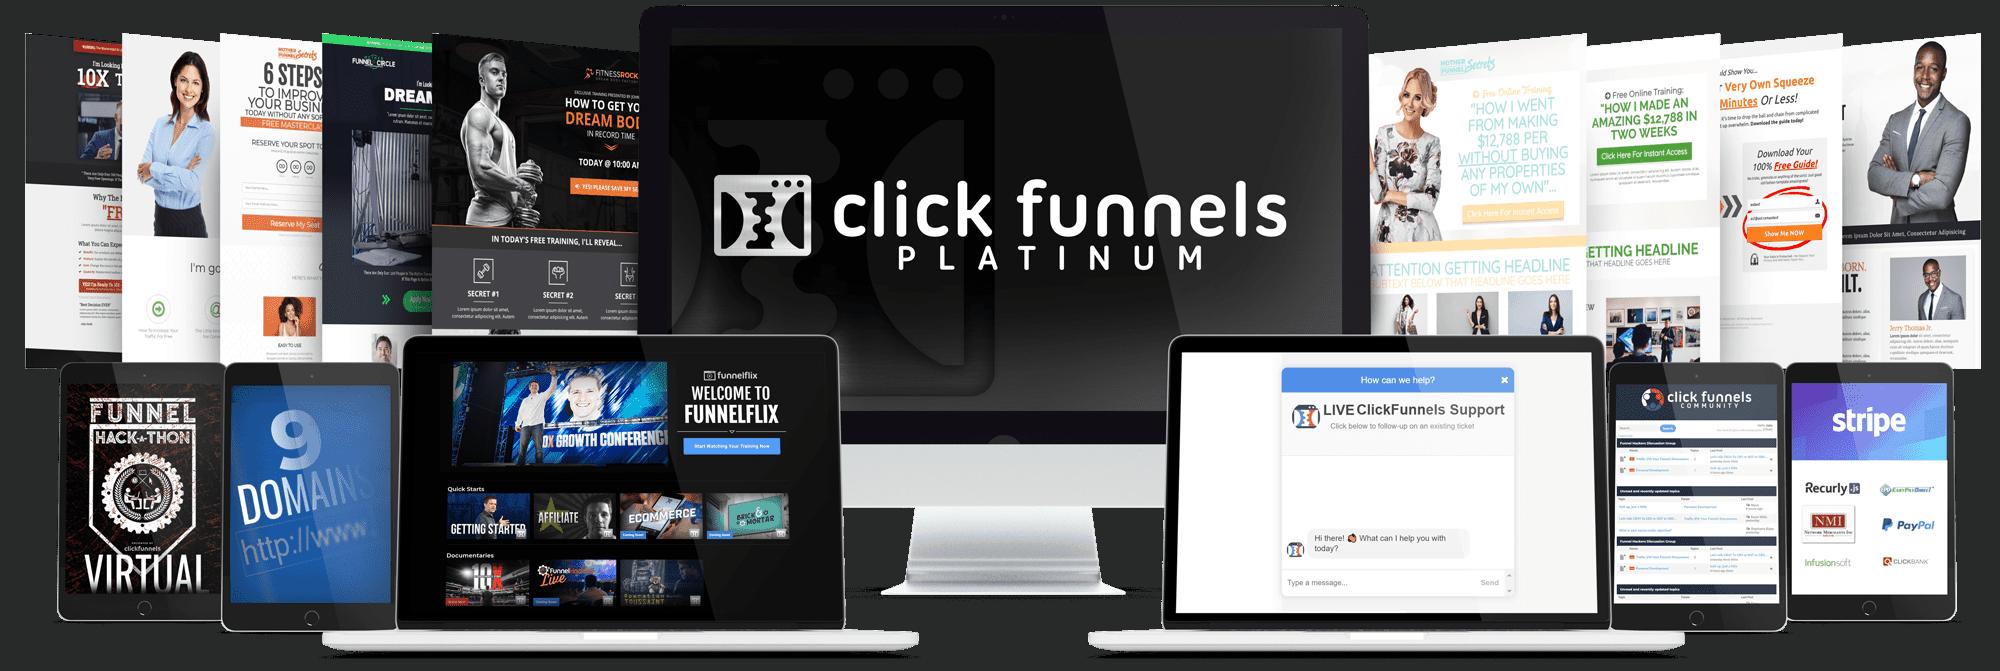 ClickFunnels Platinum Review Mockup